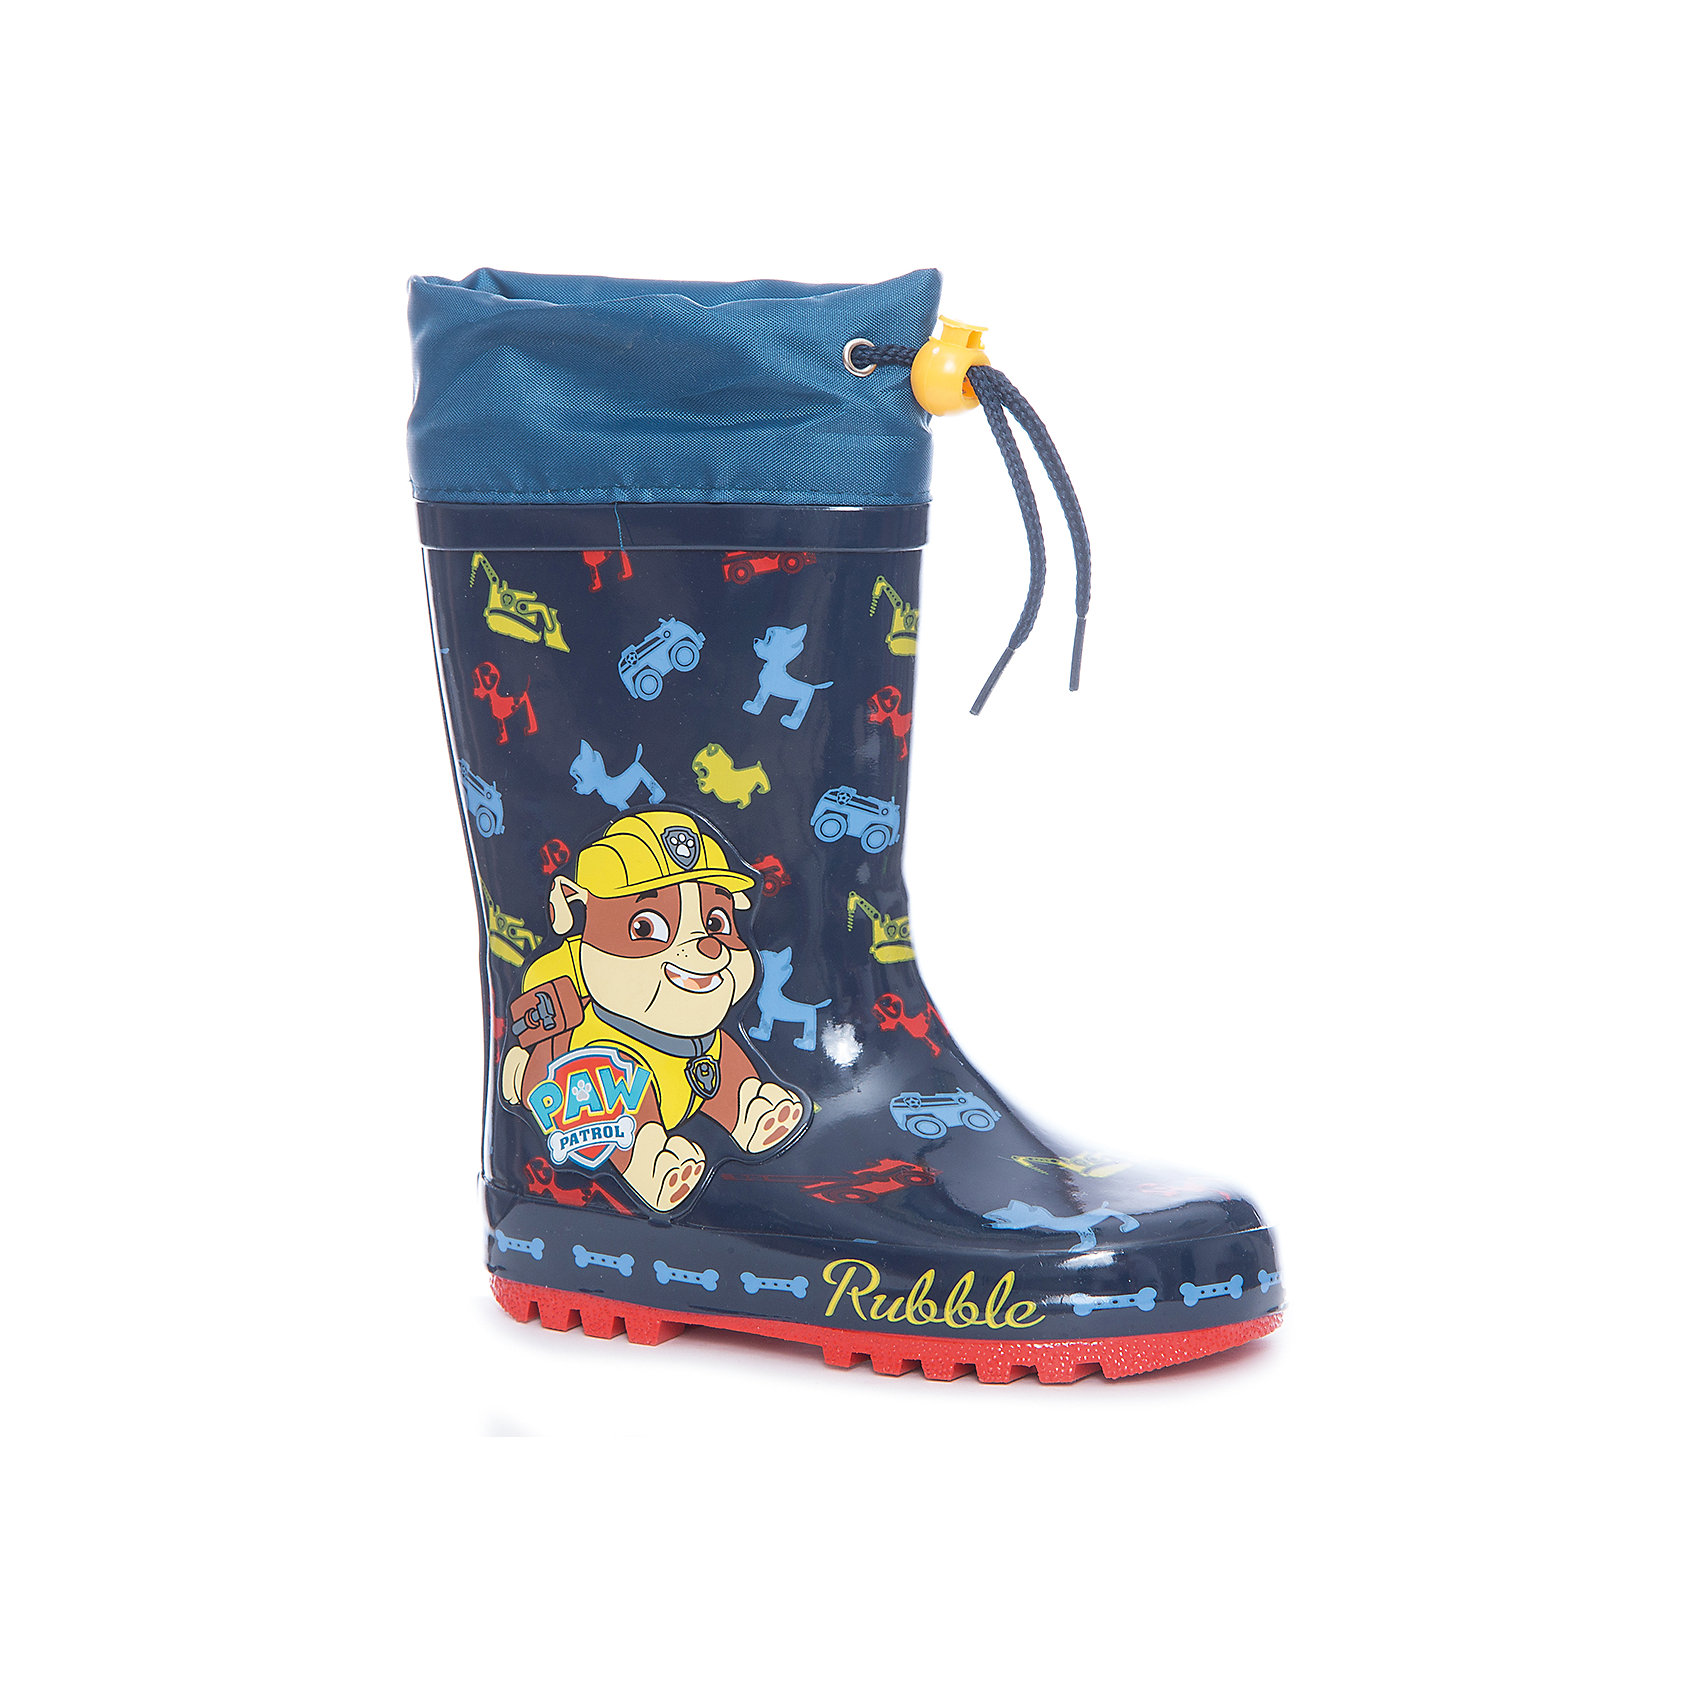 Резиновые сапоги утепленные для мальчика KAKADU, синиеРезиновые сапоги<br>Характеристики товара:<br><br>• цвет: синий<br>• принт: щенячий патруль<br>• внешний материал обуви: резина<br>• внутренний материал: текстиль, байка<br>• стелька: байка<br>• подошва: рефленая<br>• вид обуви: непромокаемая<br>• тип застежки: на липучке<br>• сезон: весна-осень<br>• температурный режимот +5°до +15°С<br>• страна бренда: Россия<br>• страна изготовитель: Китай<br><br>Резиновые сапоги утепленные для мальчика KAKADU можно купить в нашем интернет-магазине.<br><br>Ширина мм: 257<br>Глубина мм: 180<br>Высота мм: 130<br>Вес г: 420<br>Цвет: синий<br>Возраст от месяцев: 48<br>Возраст до месяцев: 60<br>Пол: Мужской<br>Возраст: Детский<br>Размер: 28,23,24,25,26,27<br>SKU: 5386440